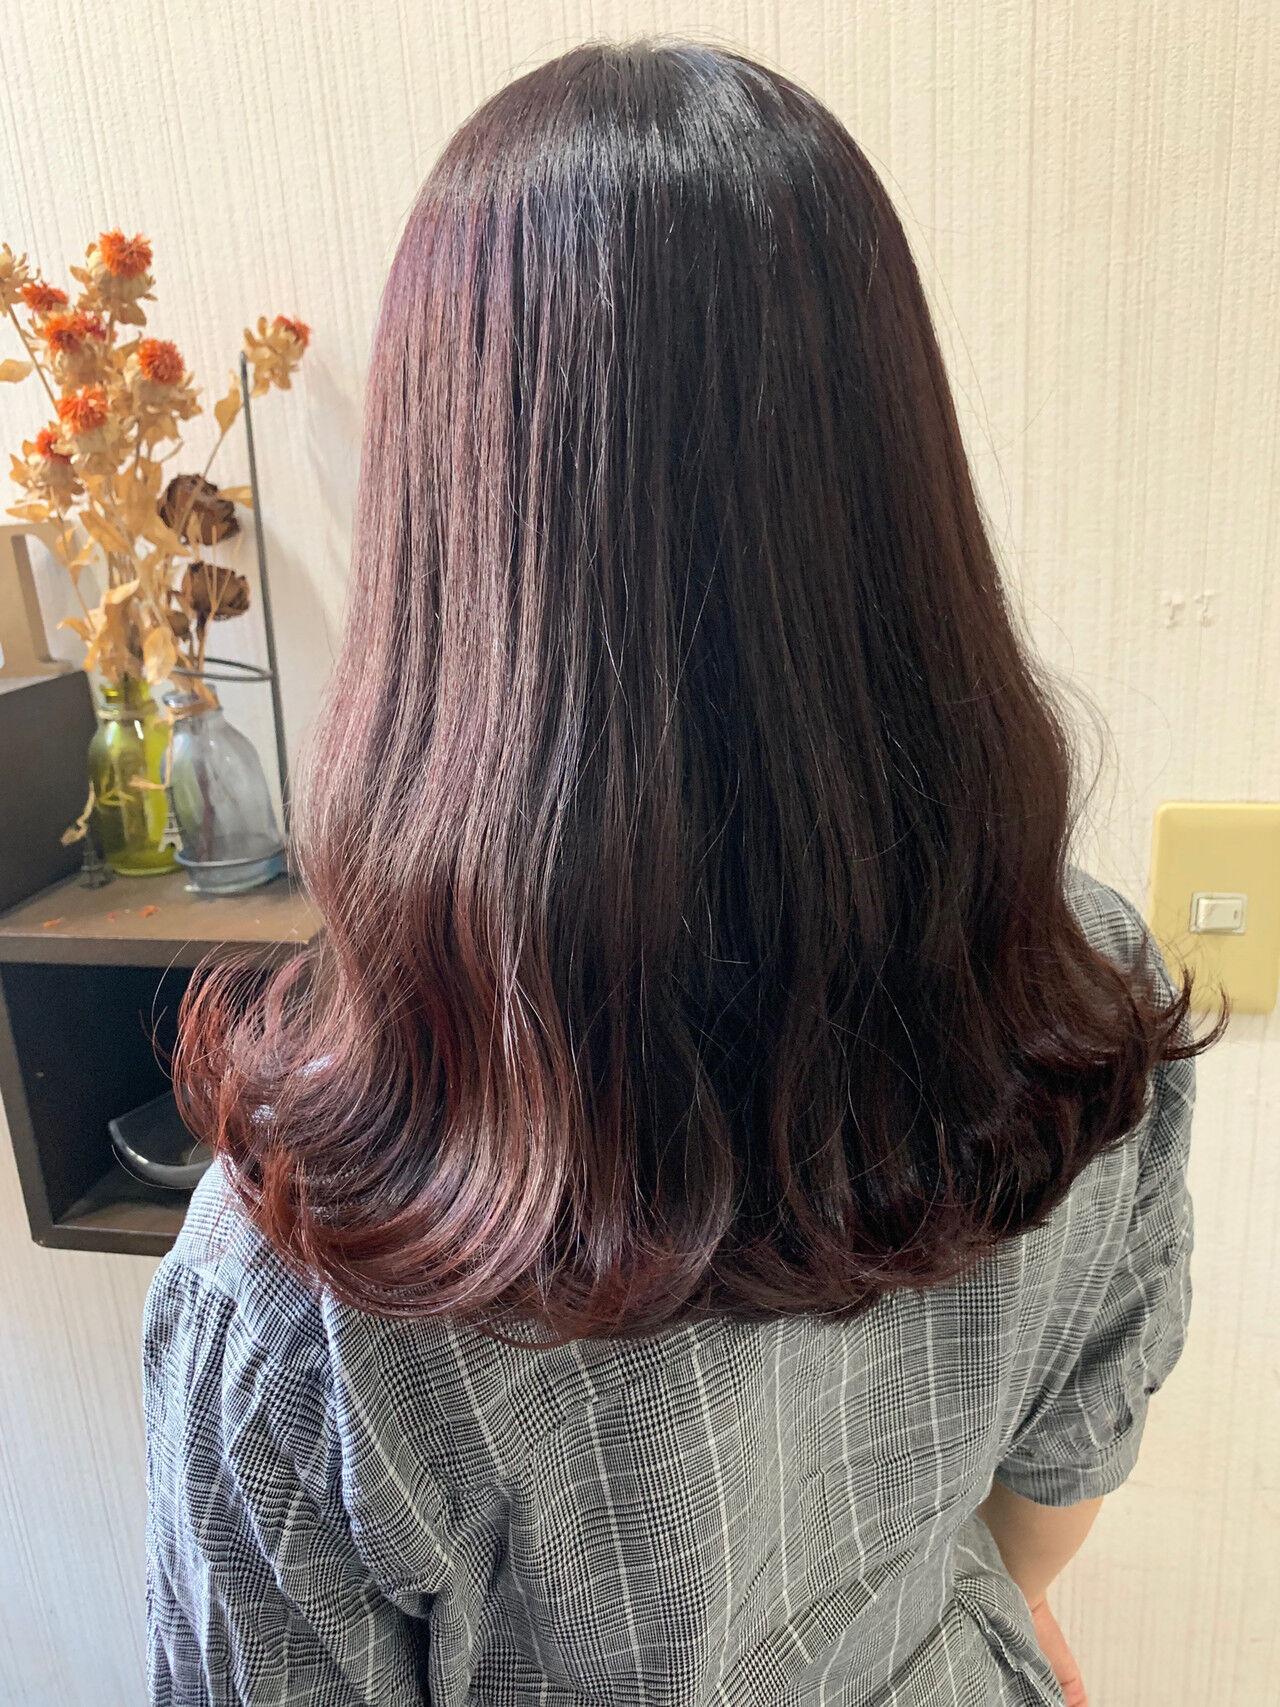 秋ブラウン 大人女子 ナチュラル ミディアムヘアスタイルや髪型の写真・画像